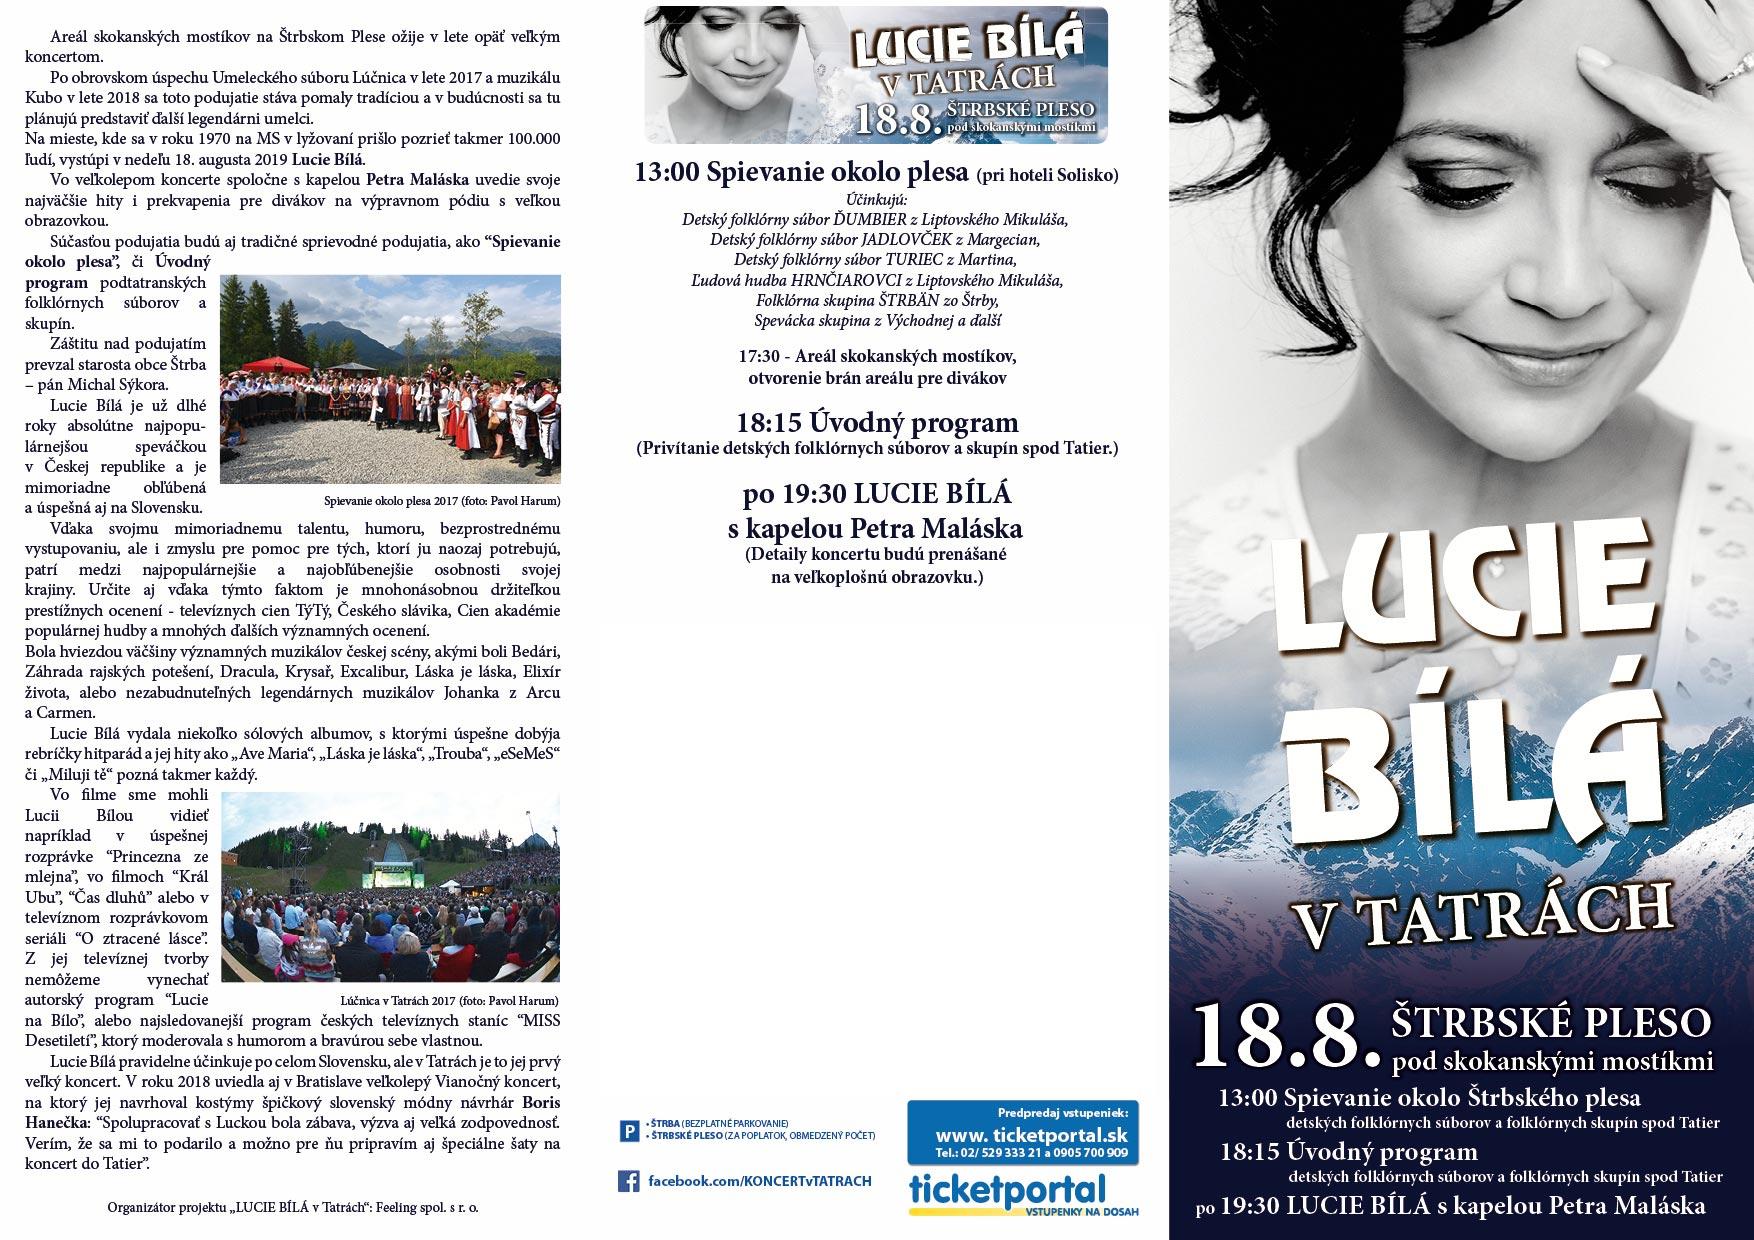 picture LUCIE BÍLÁ v Tatrách